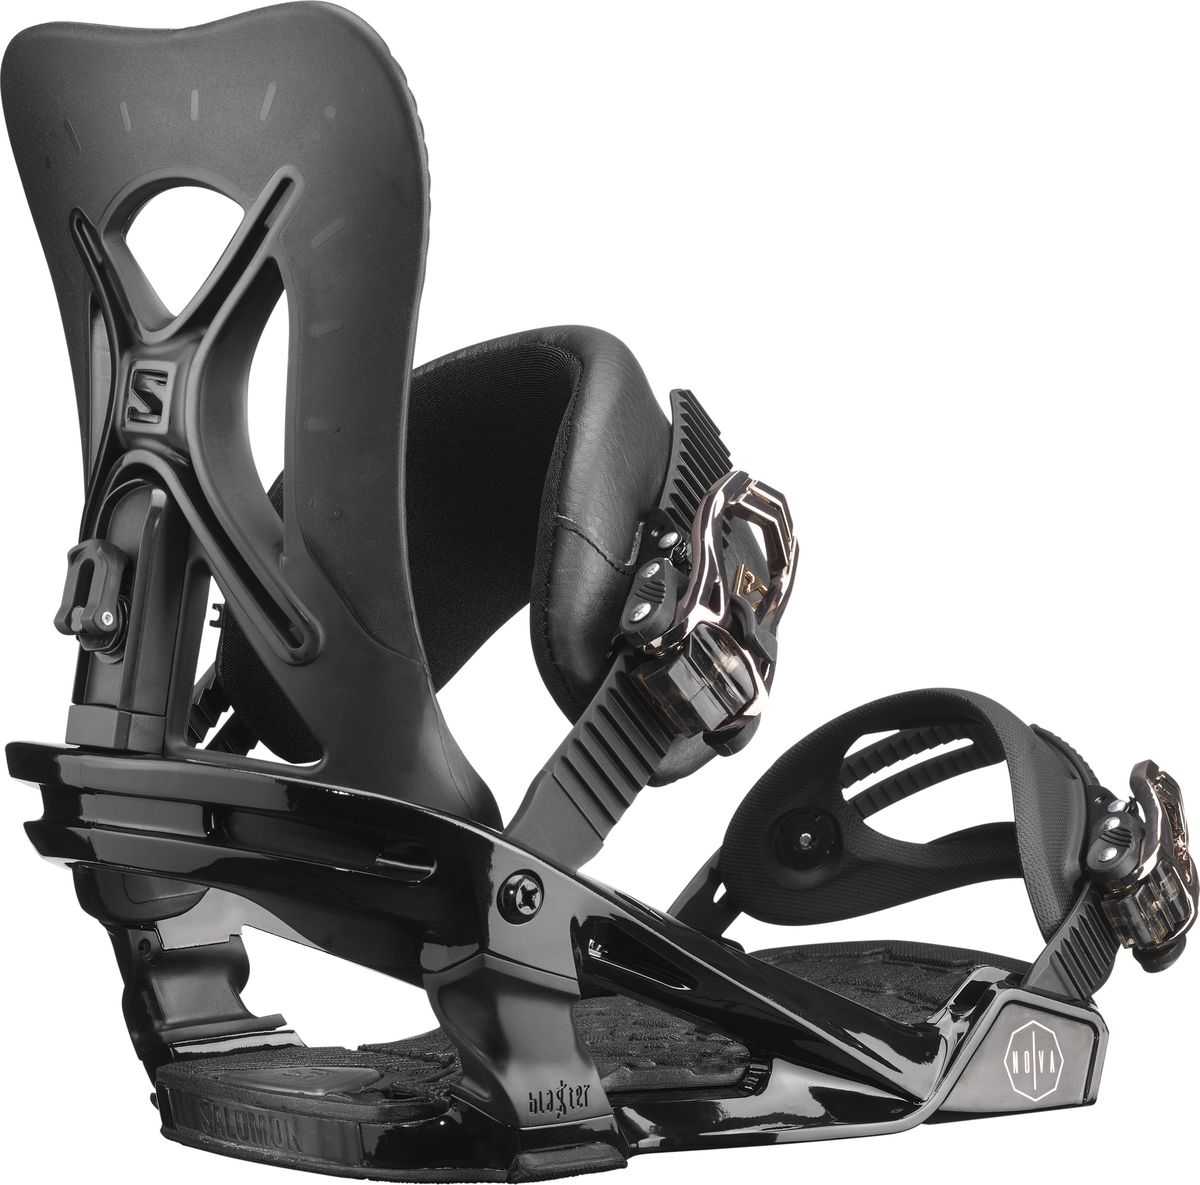 Крепления для сноуборда Salomon Nova, цвет: черный. Размер S (35-39,5)